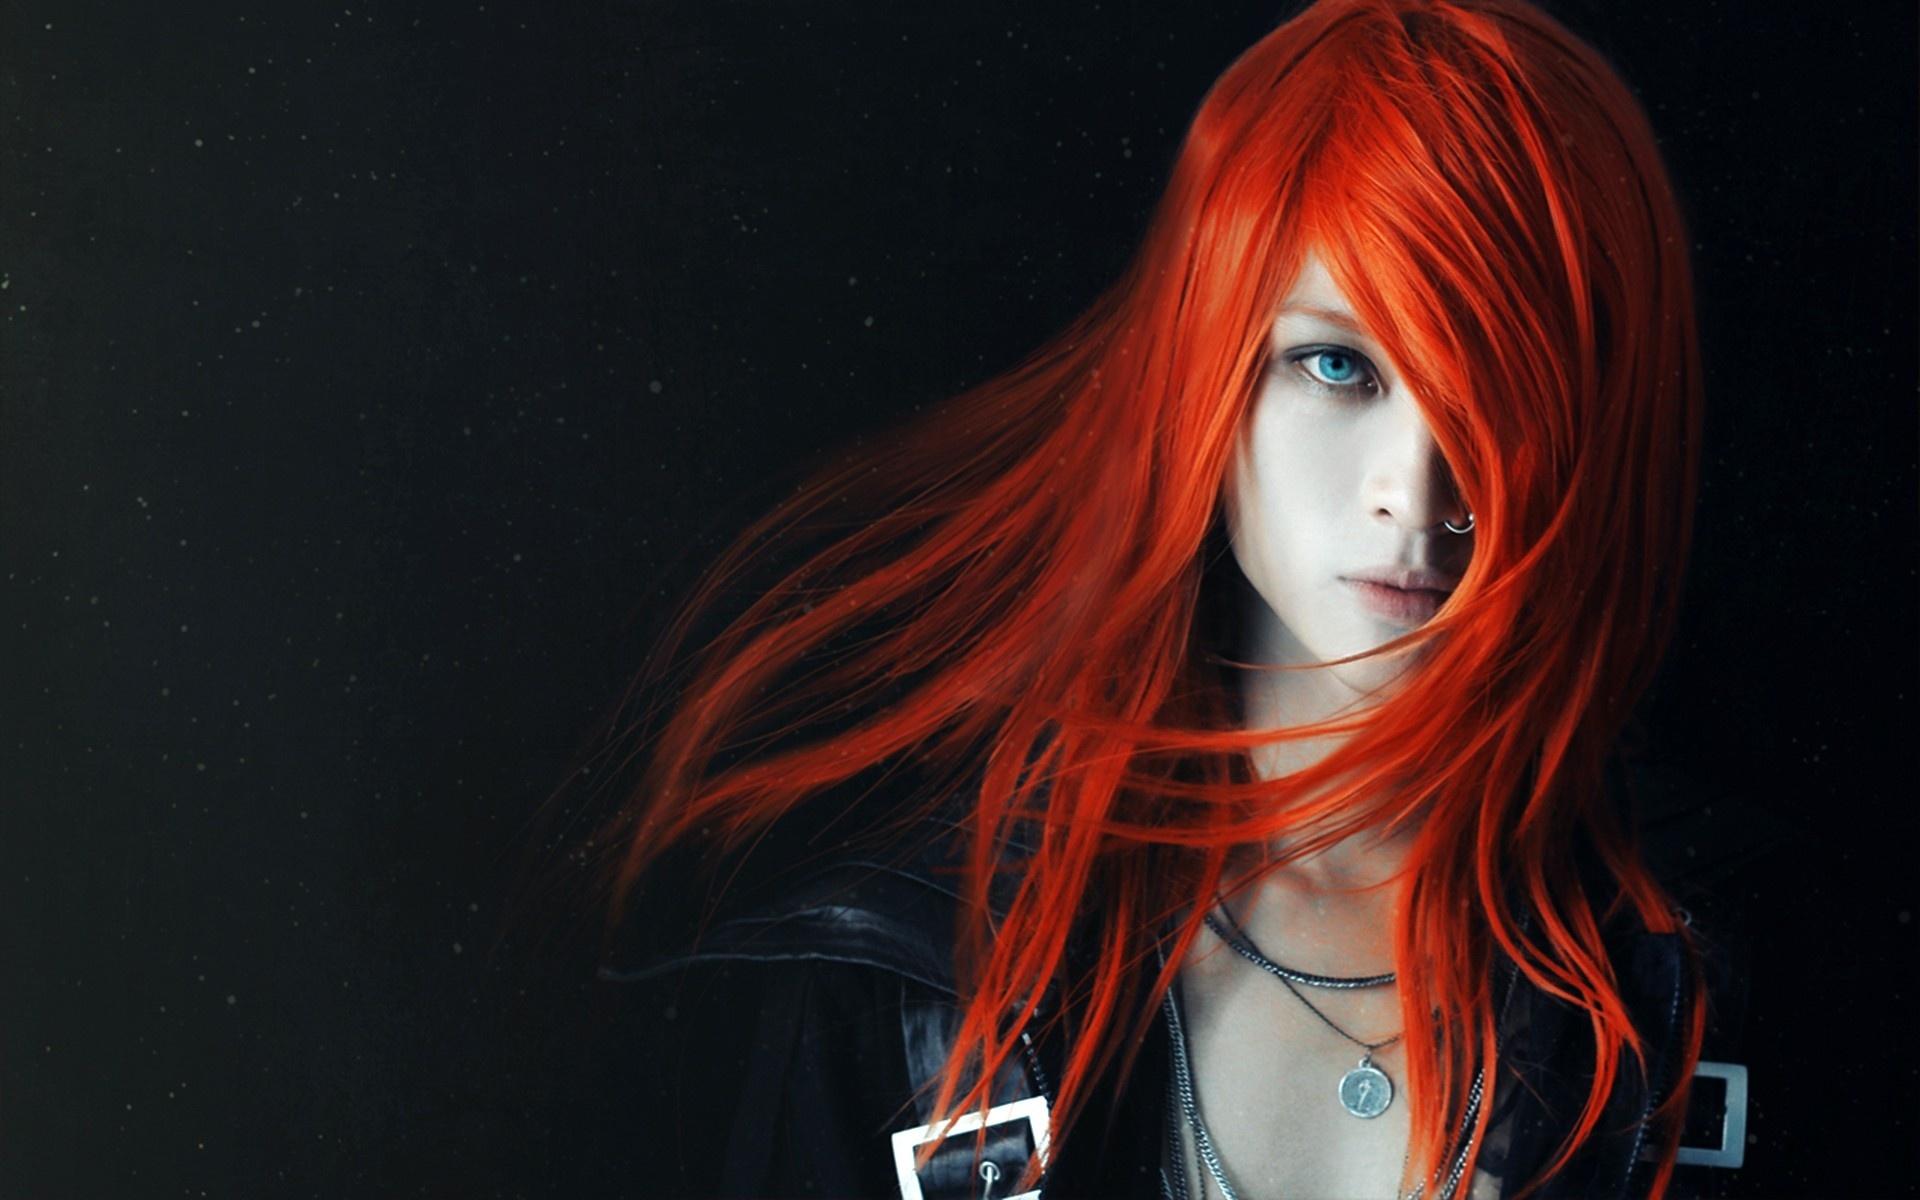 задумчивая девушка с огненно-рыжими волосами  № 1947182 бесплатно